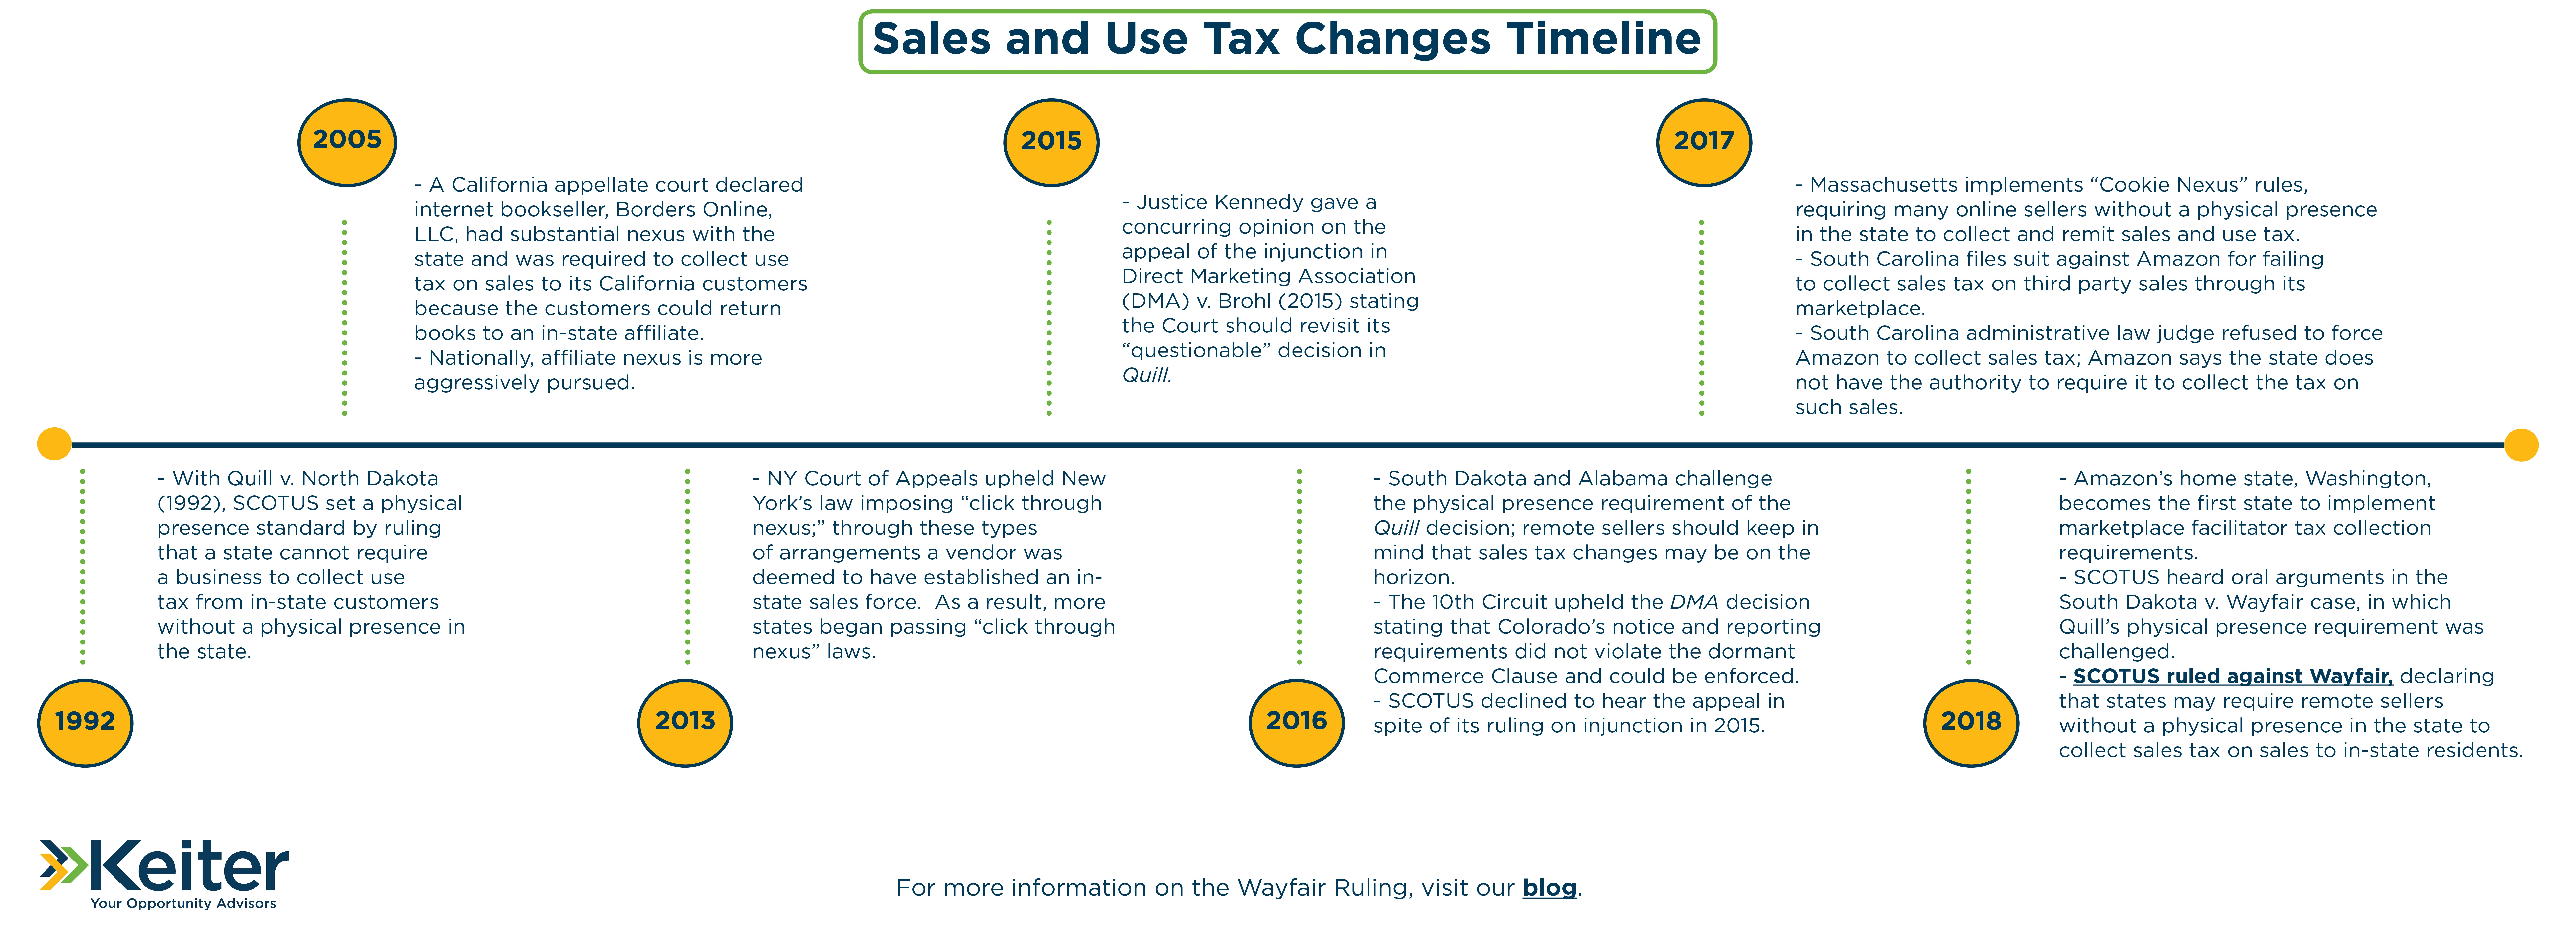 Wayfair Timeline 5-1